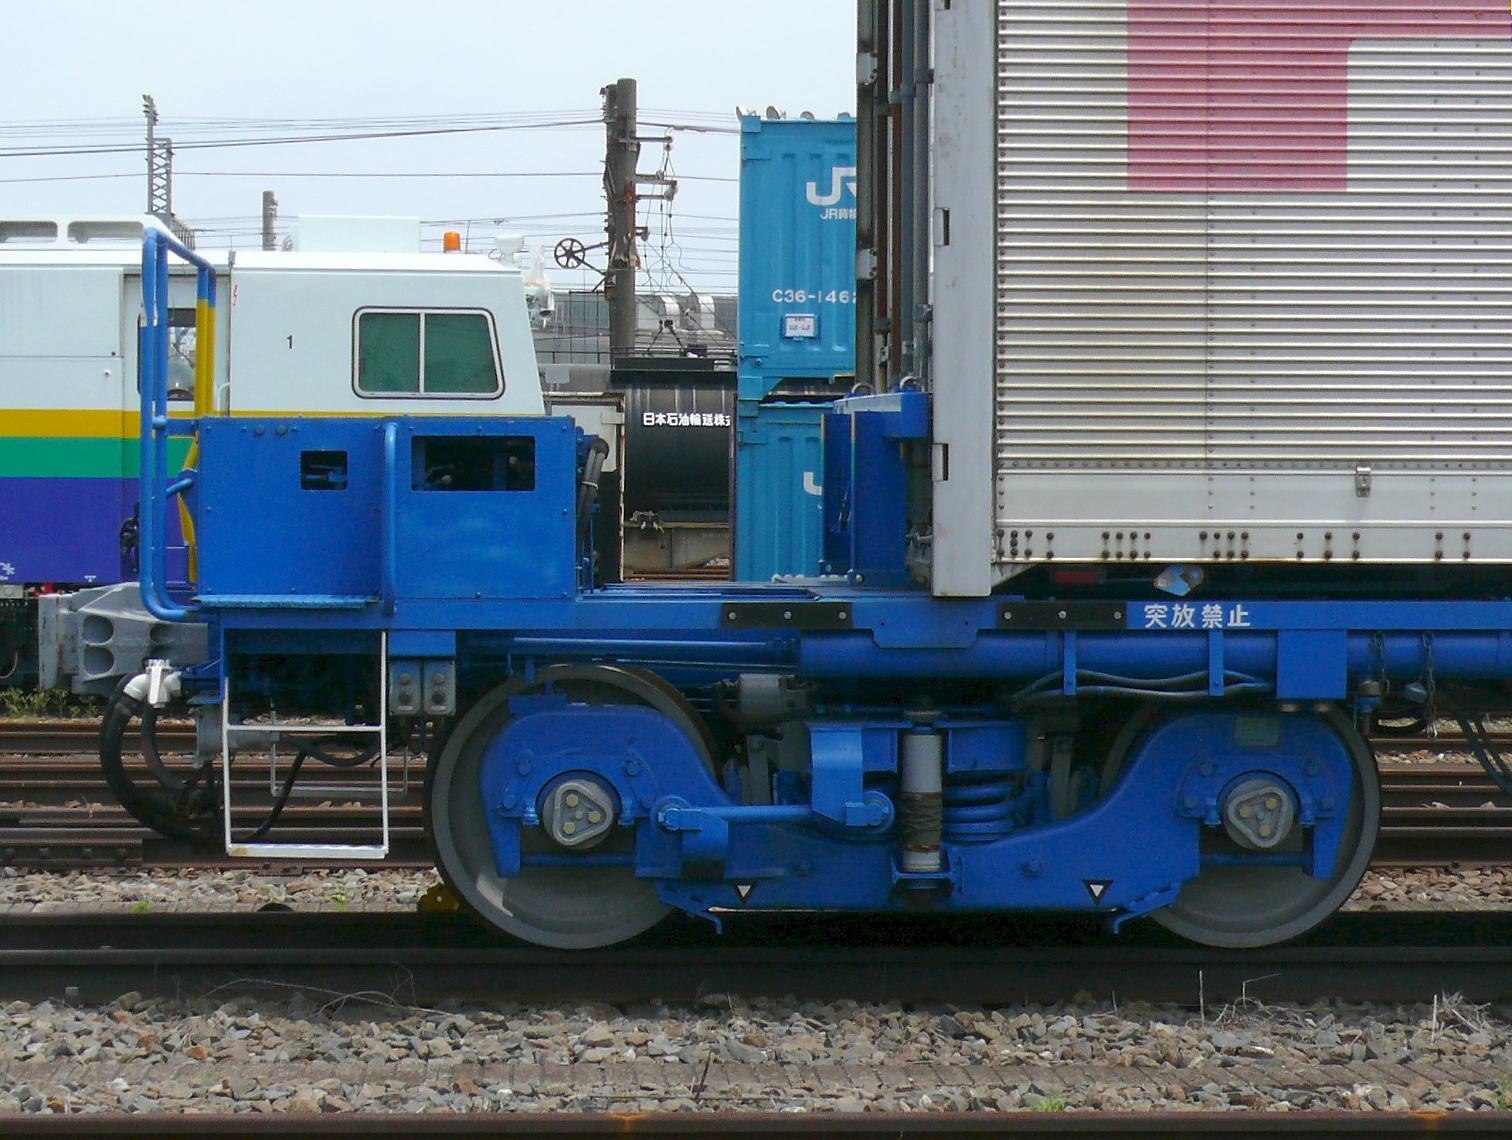 JR貨物コキ110形貨車